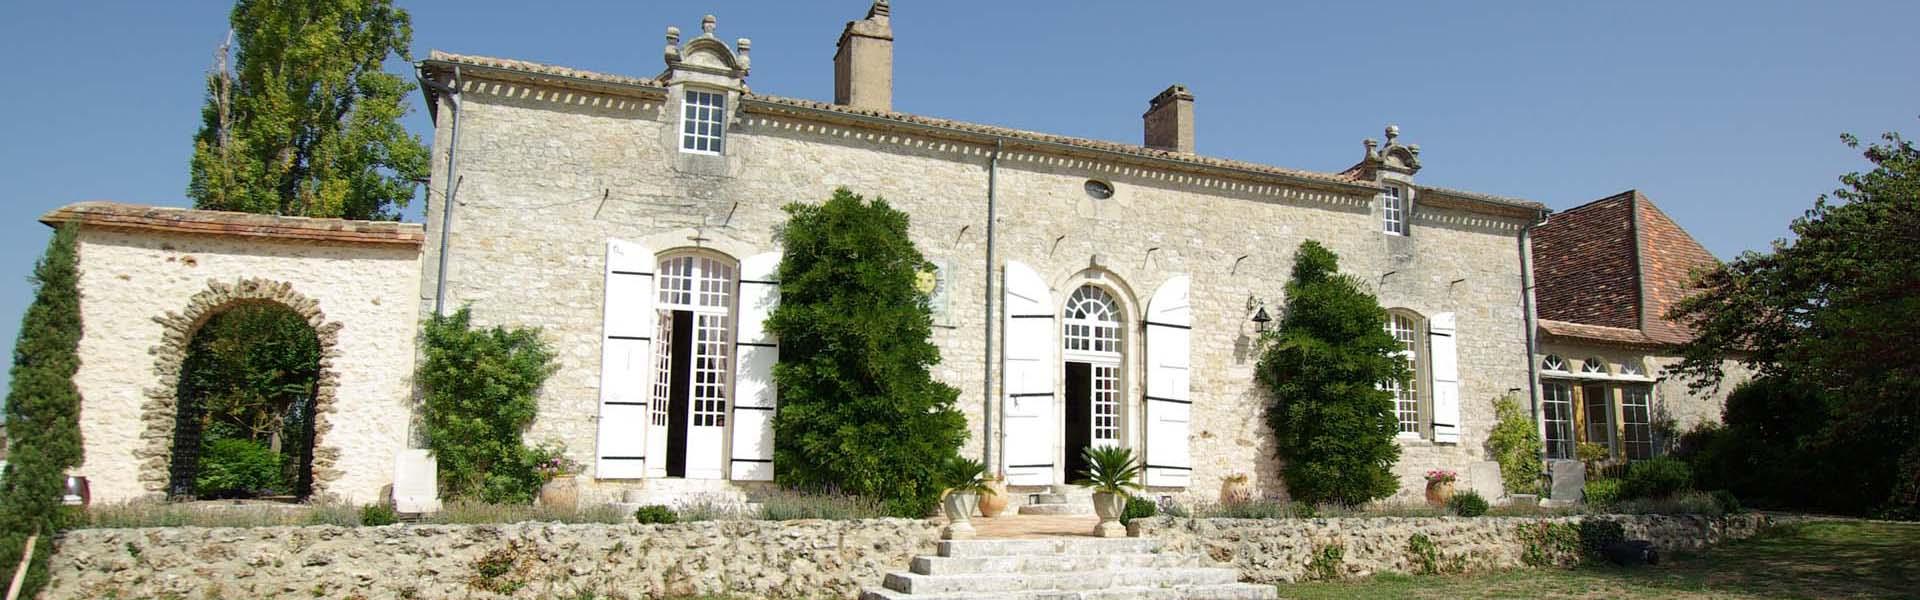 Vente propriété pierre pas cher Dordogne